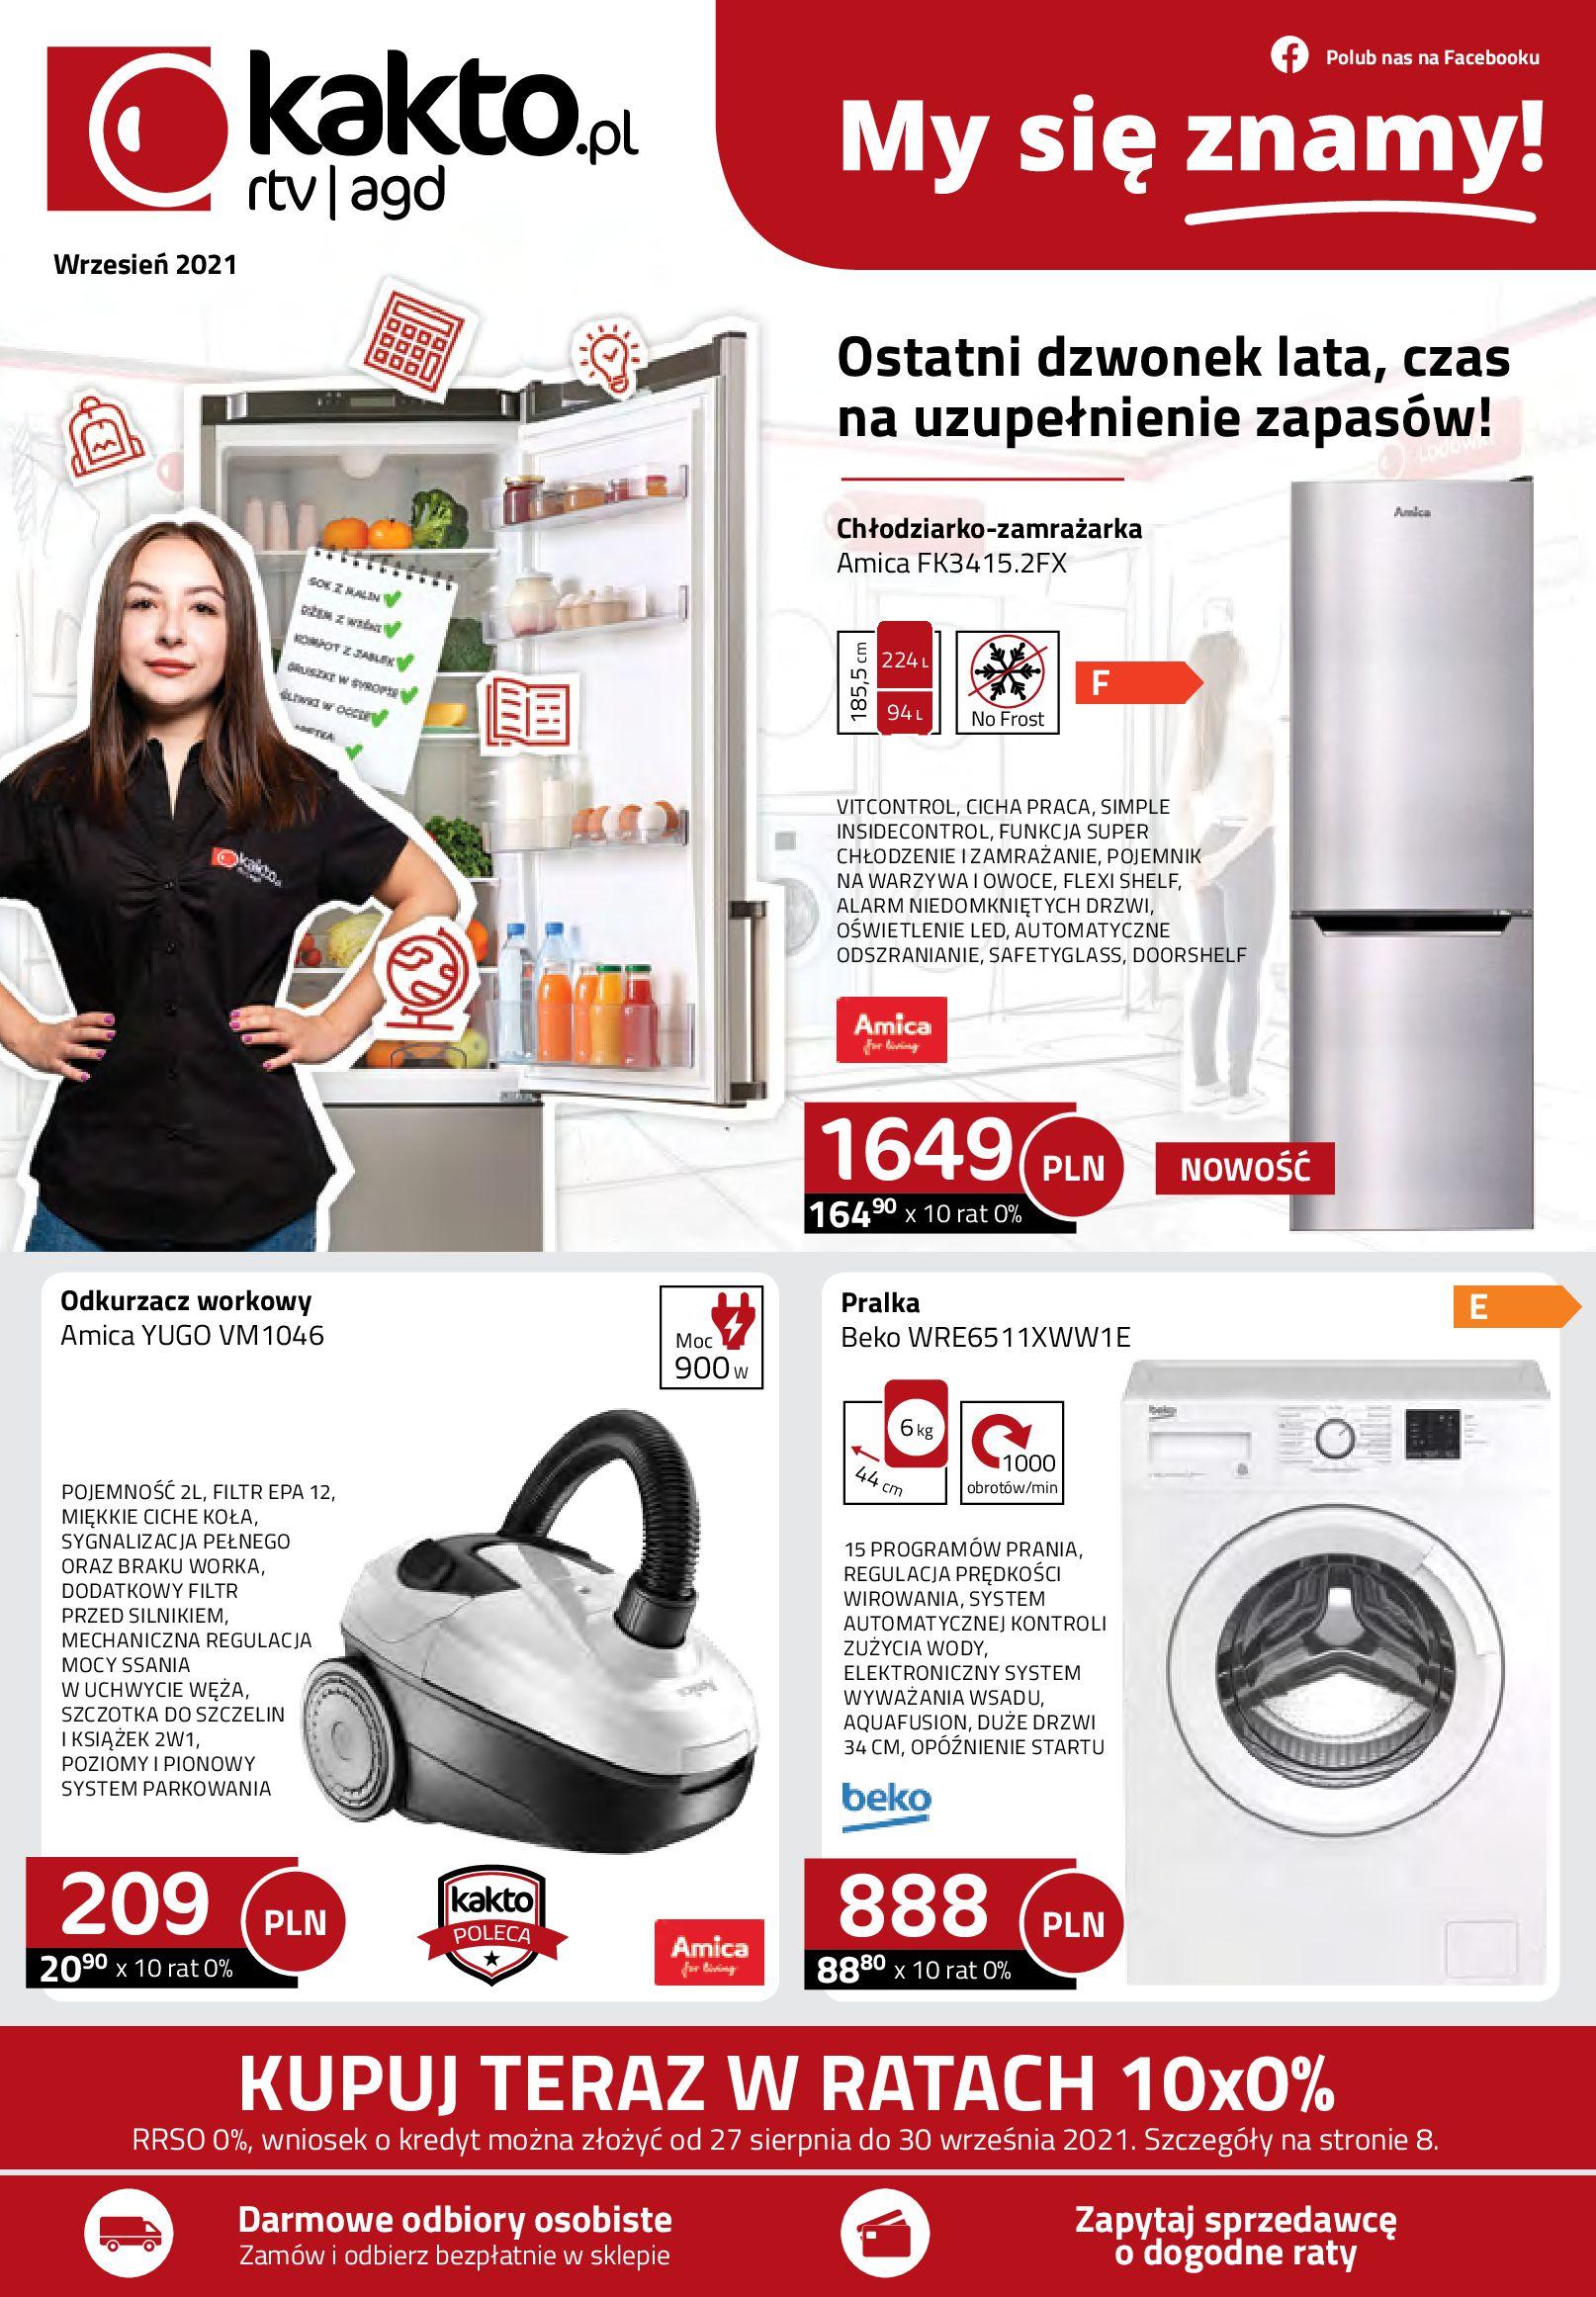 Gazetka kakto.pl: Gazetka kakto.pl 2021-09-01 page-1